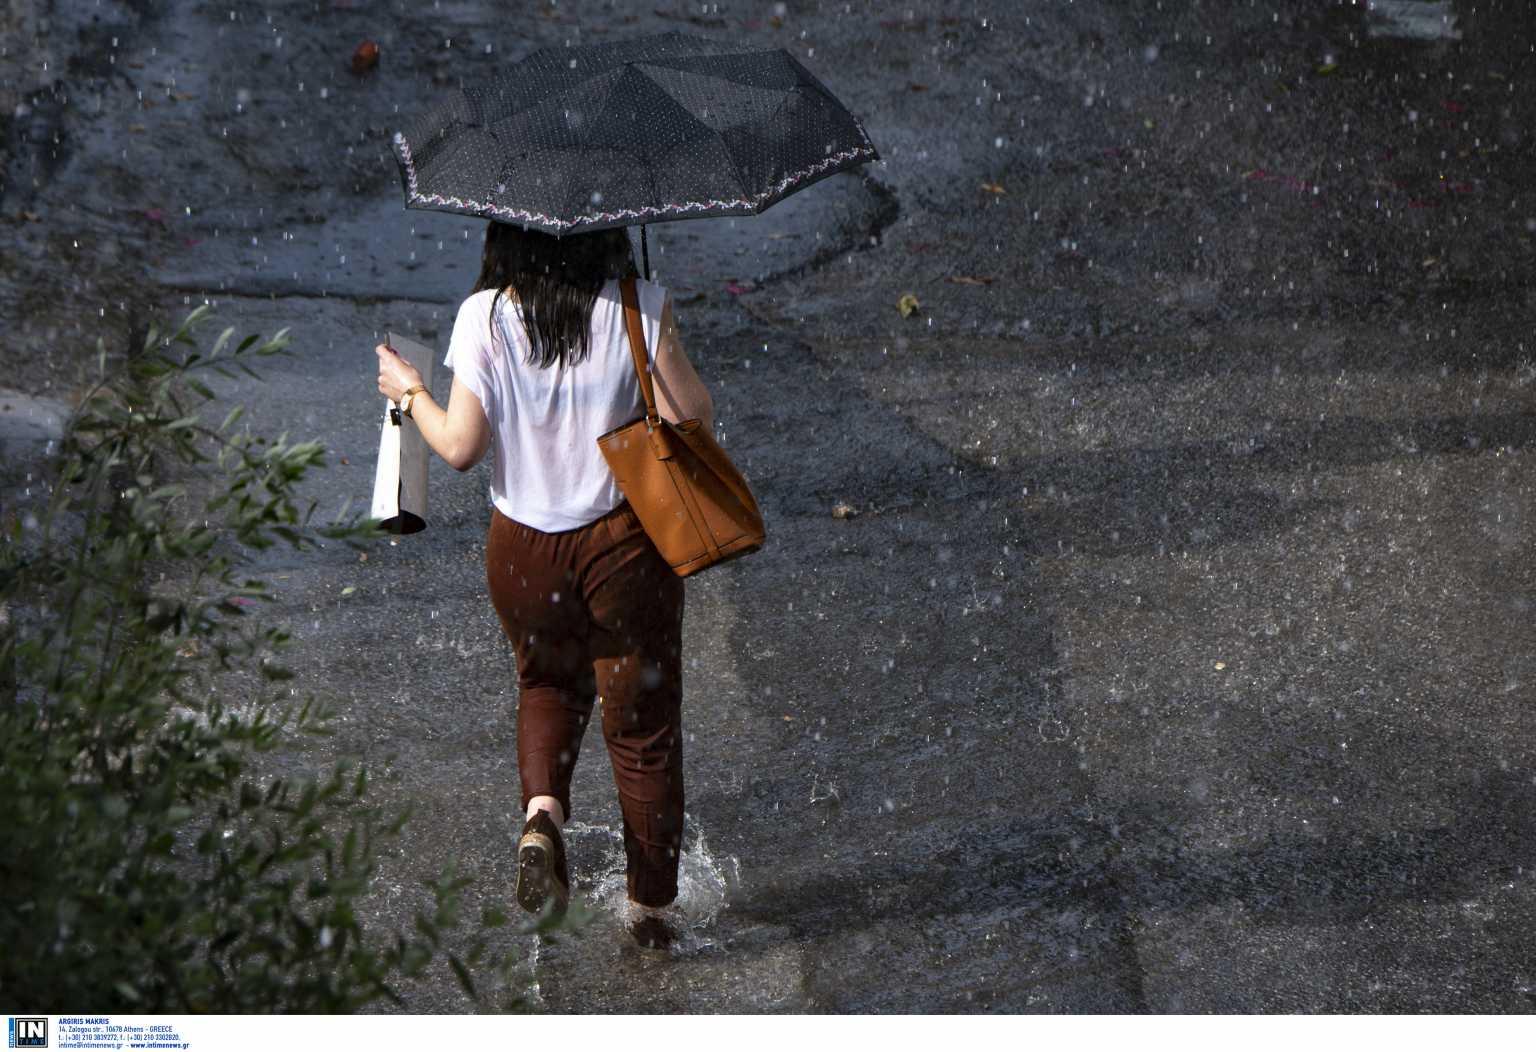 Καιρός – meteo: Επιμένει η κακοκαιρία «Αθηνά» – Καταιγίδες και χαλάζι ακόμη και στην Αττική